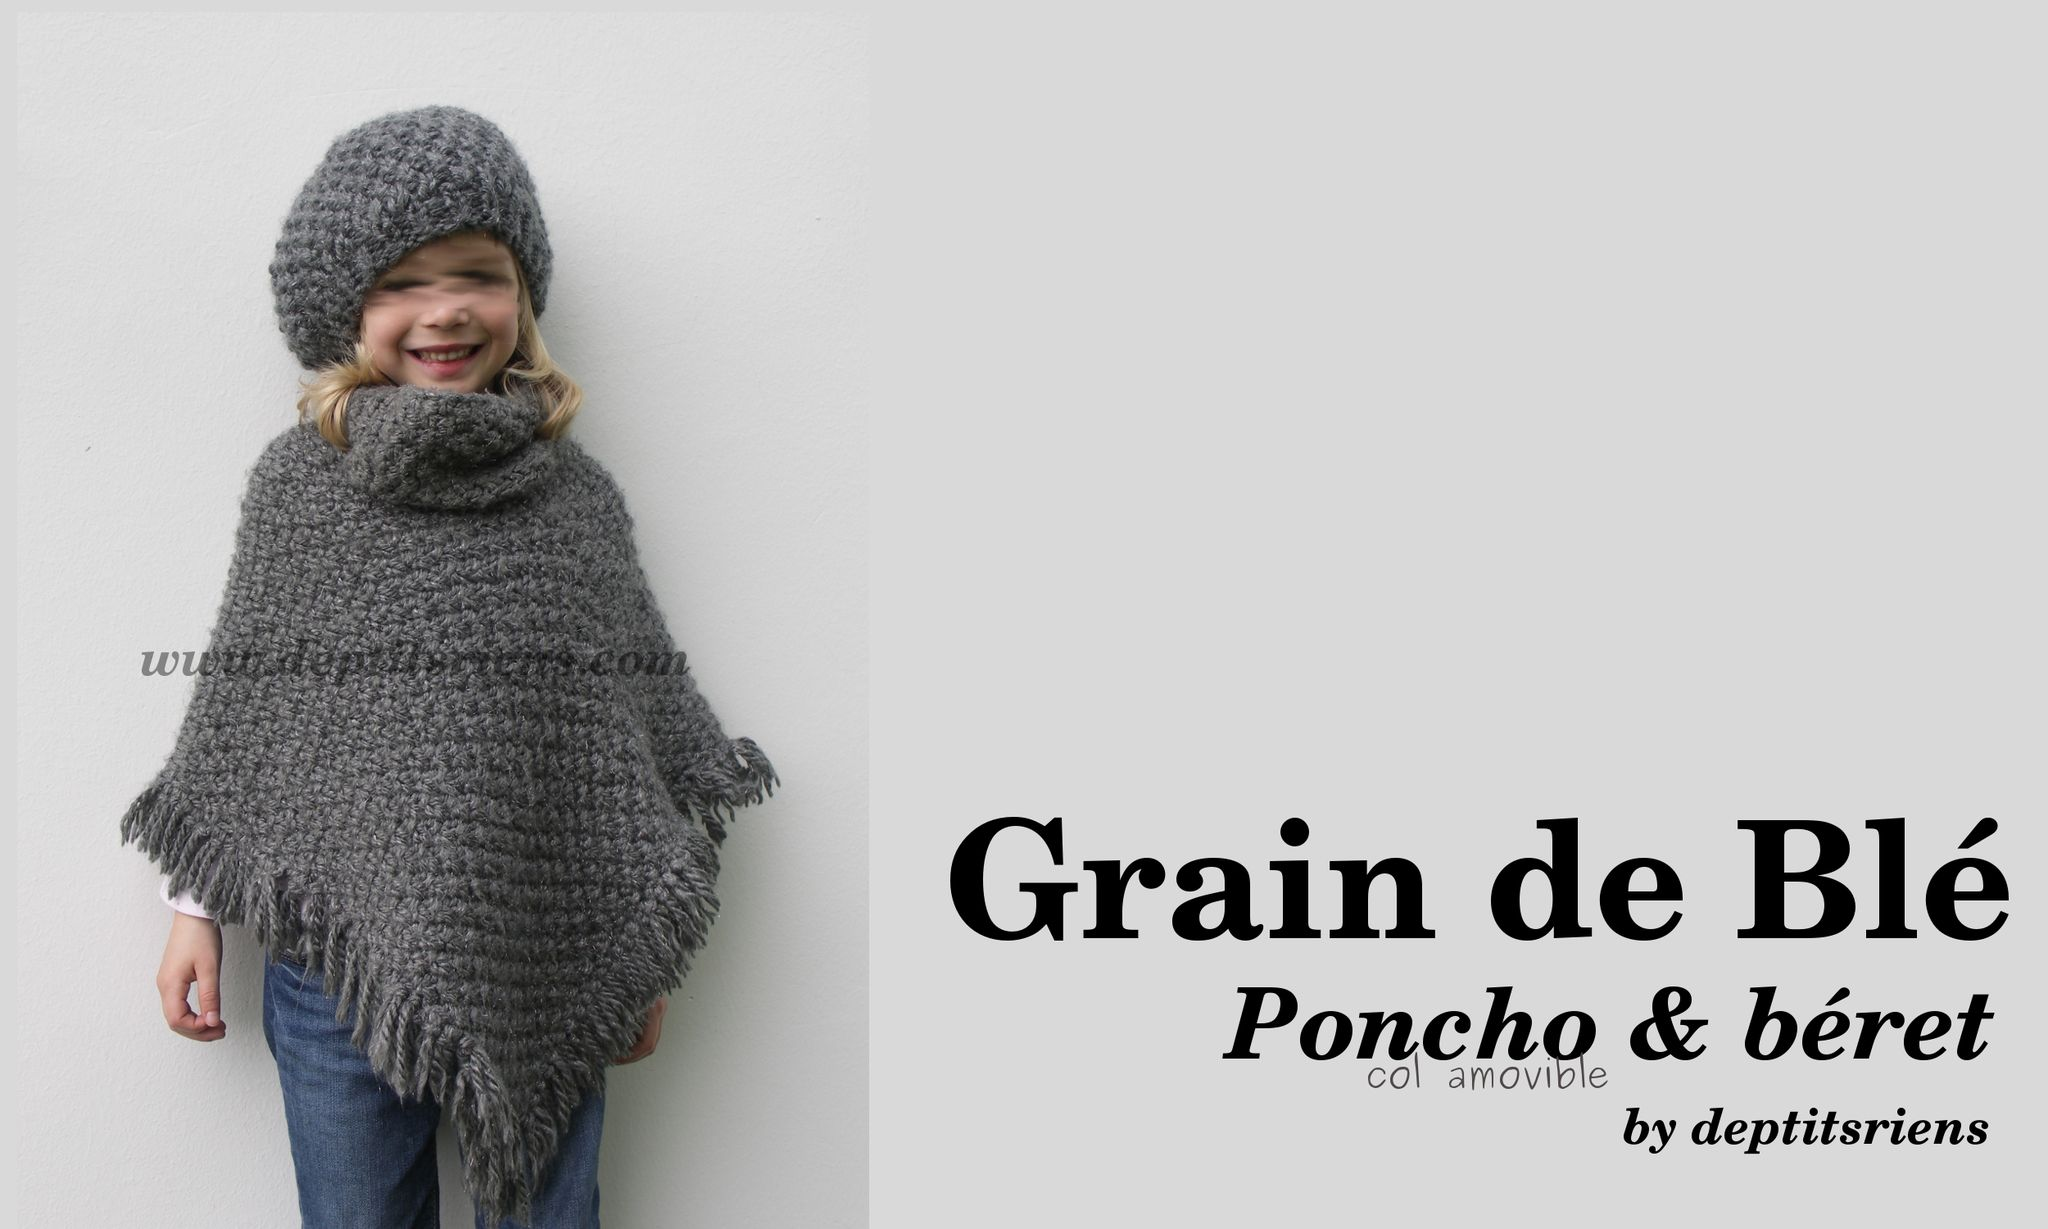 15817bed55a1 Ensemble Grain blé pour fillette taille 6 8 ans - Créa Tricot